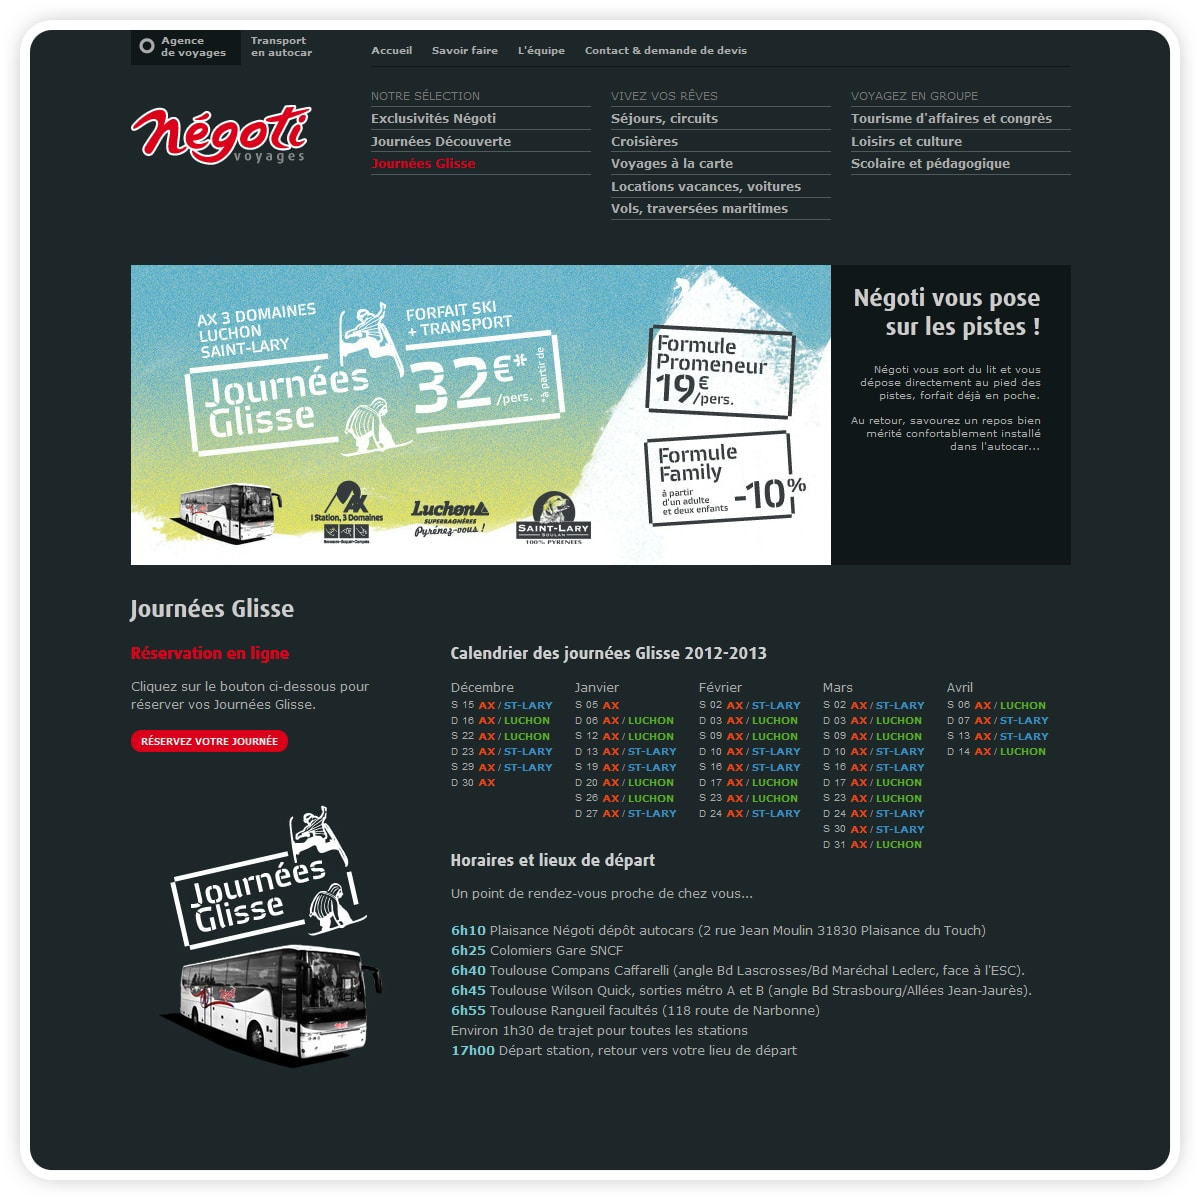 Page Journées Glisse sur le site Internet Négoti